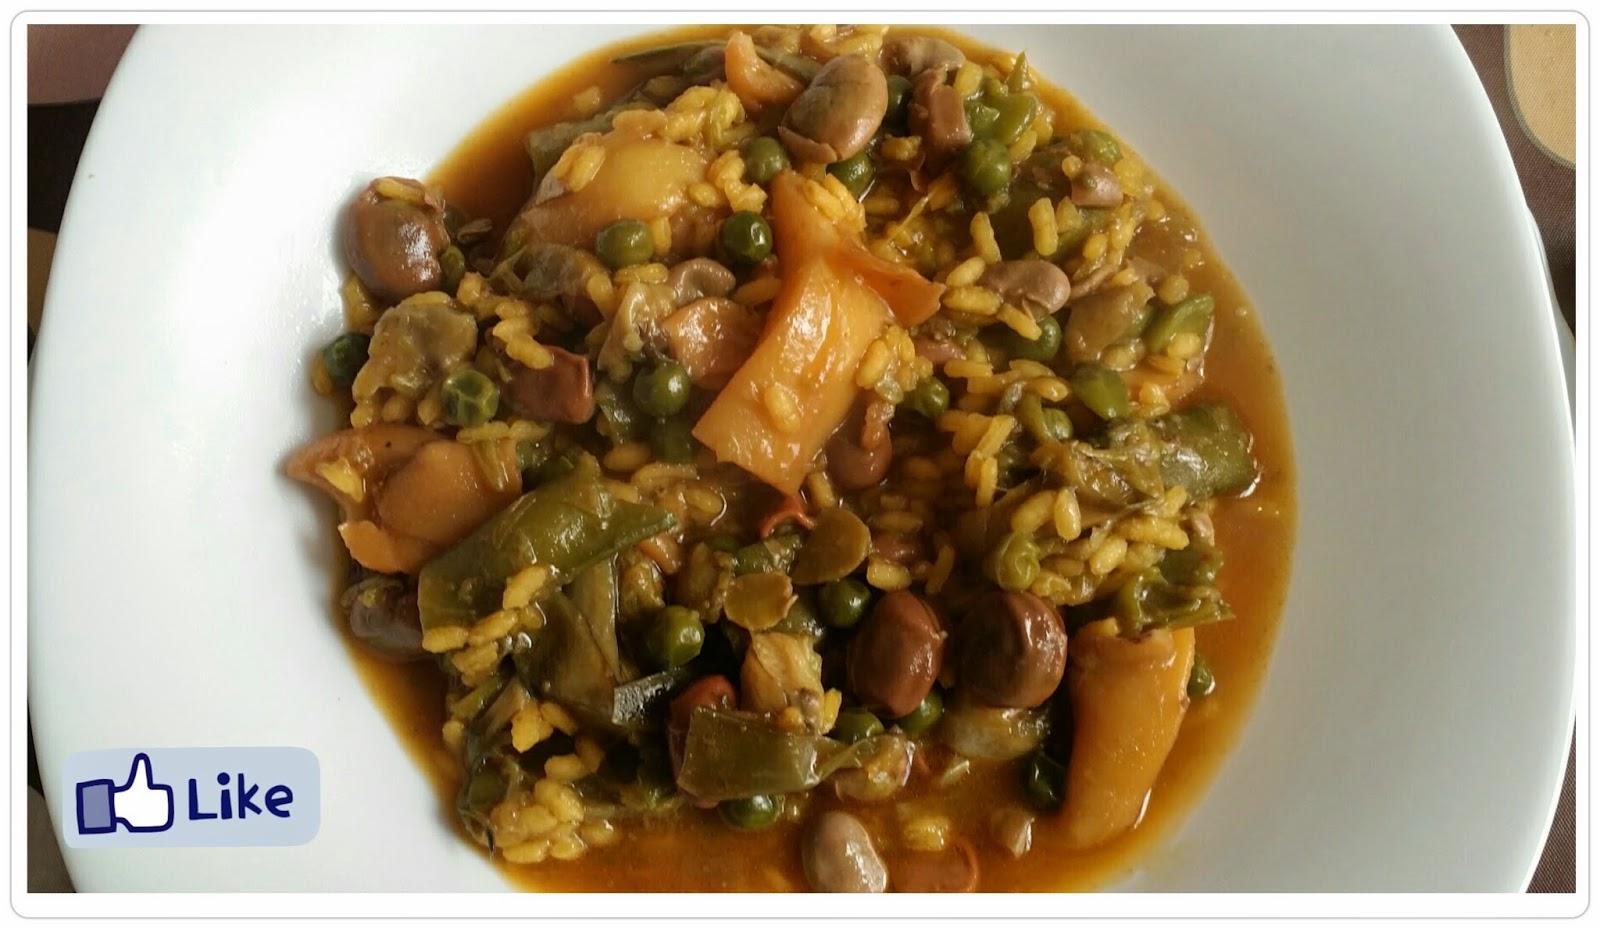 Panceta y demi glace cocina arroz caldoso con habas - Arroz caldoso con costillas y alcachofas ...